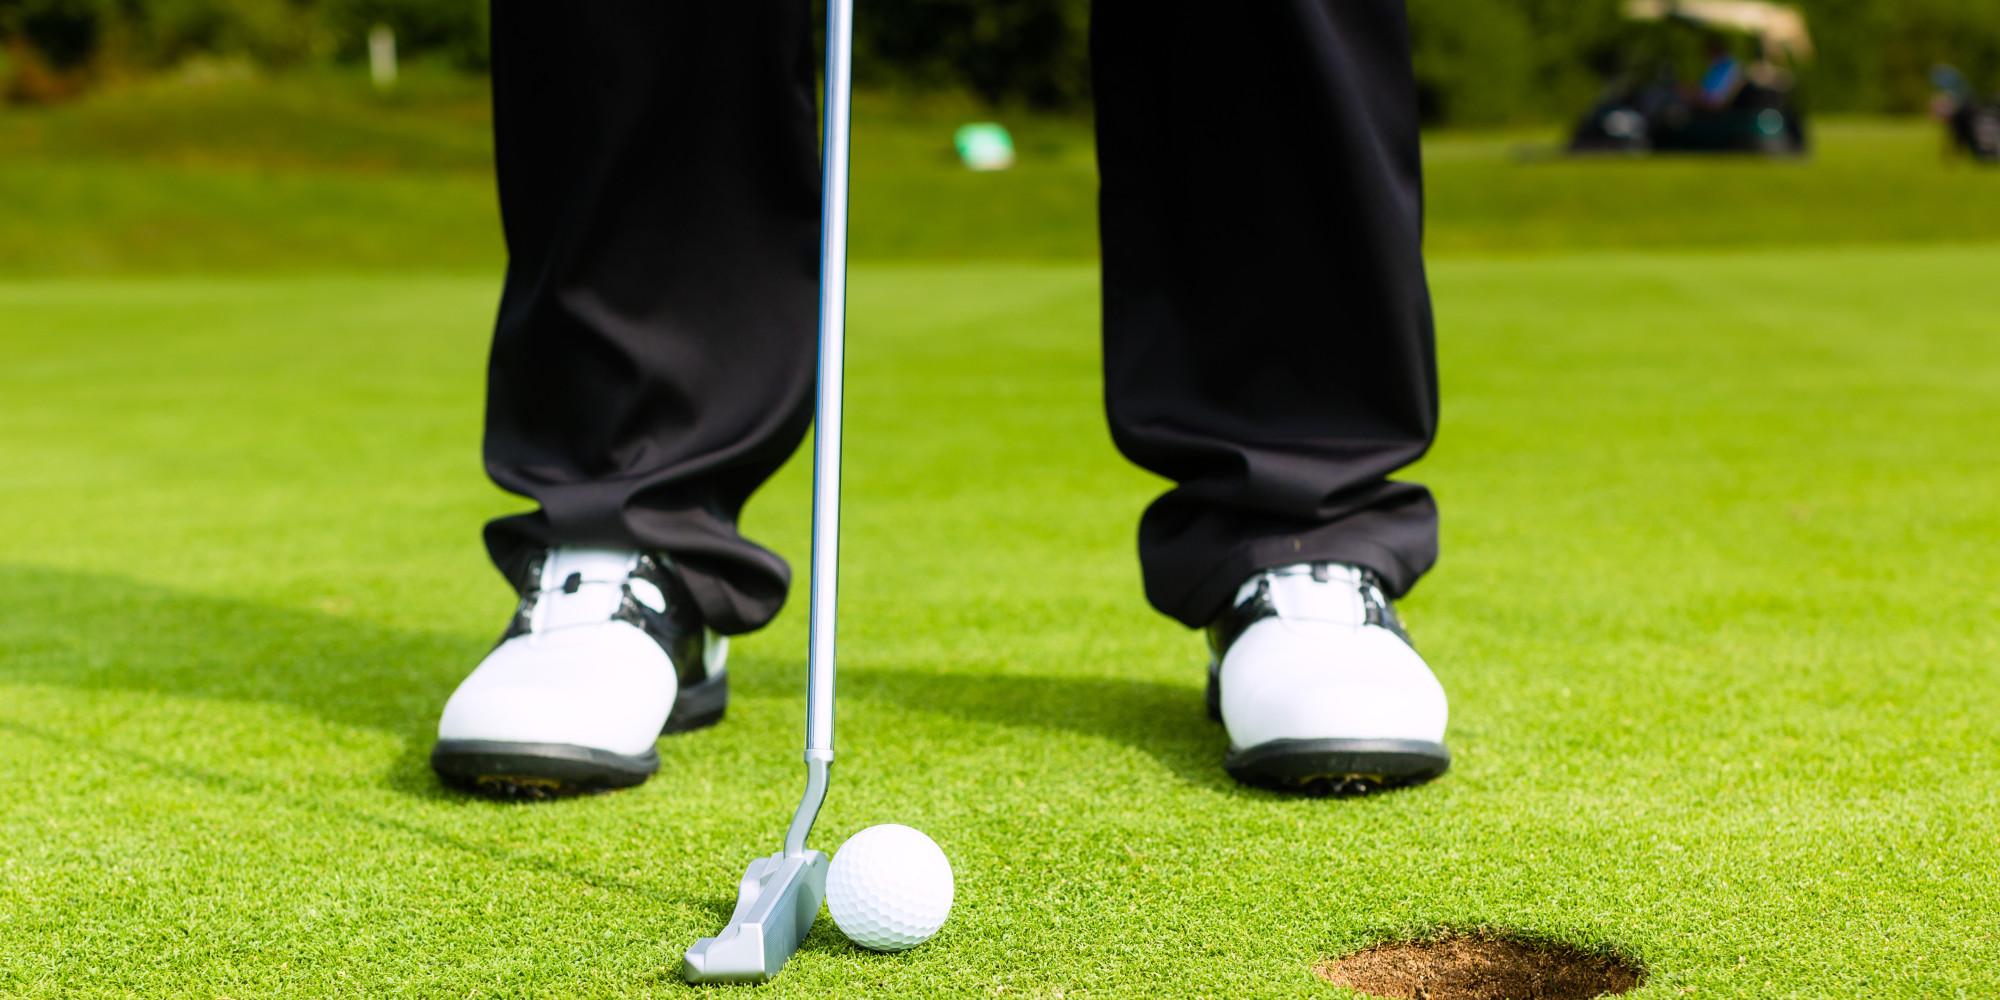 jouer au golf pas cher au quebec. Black Bedroom Furniture Sets. Home Design Ideas